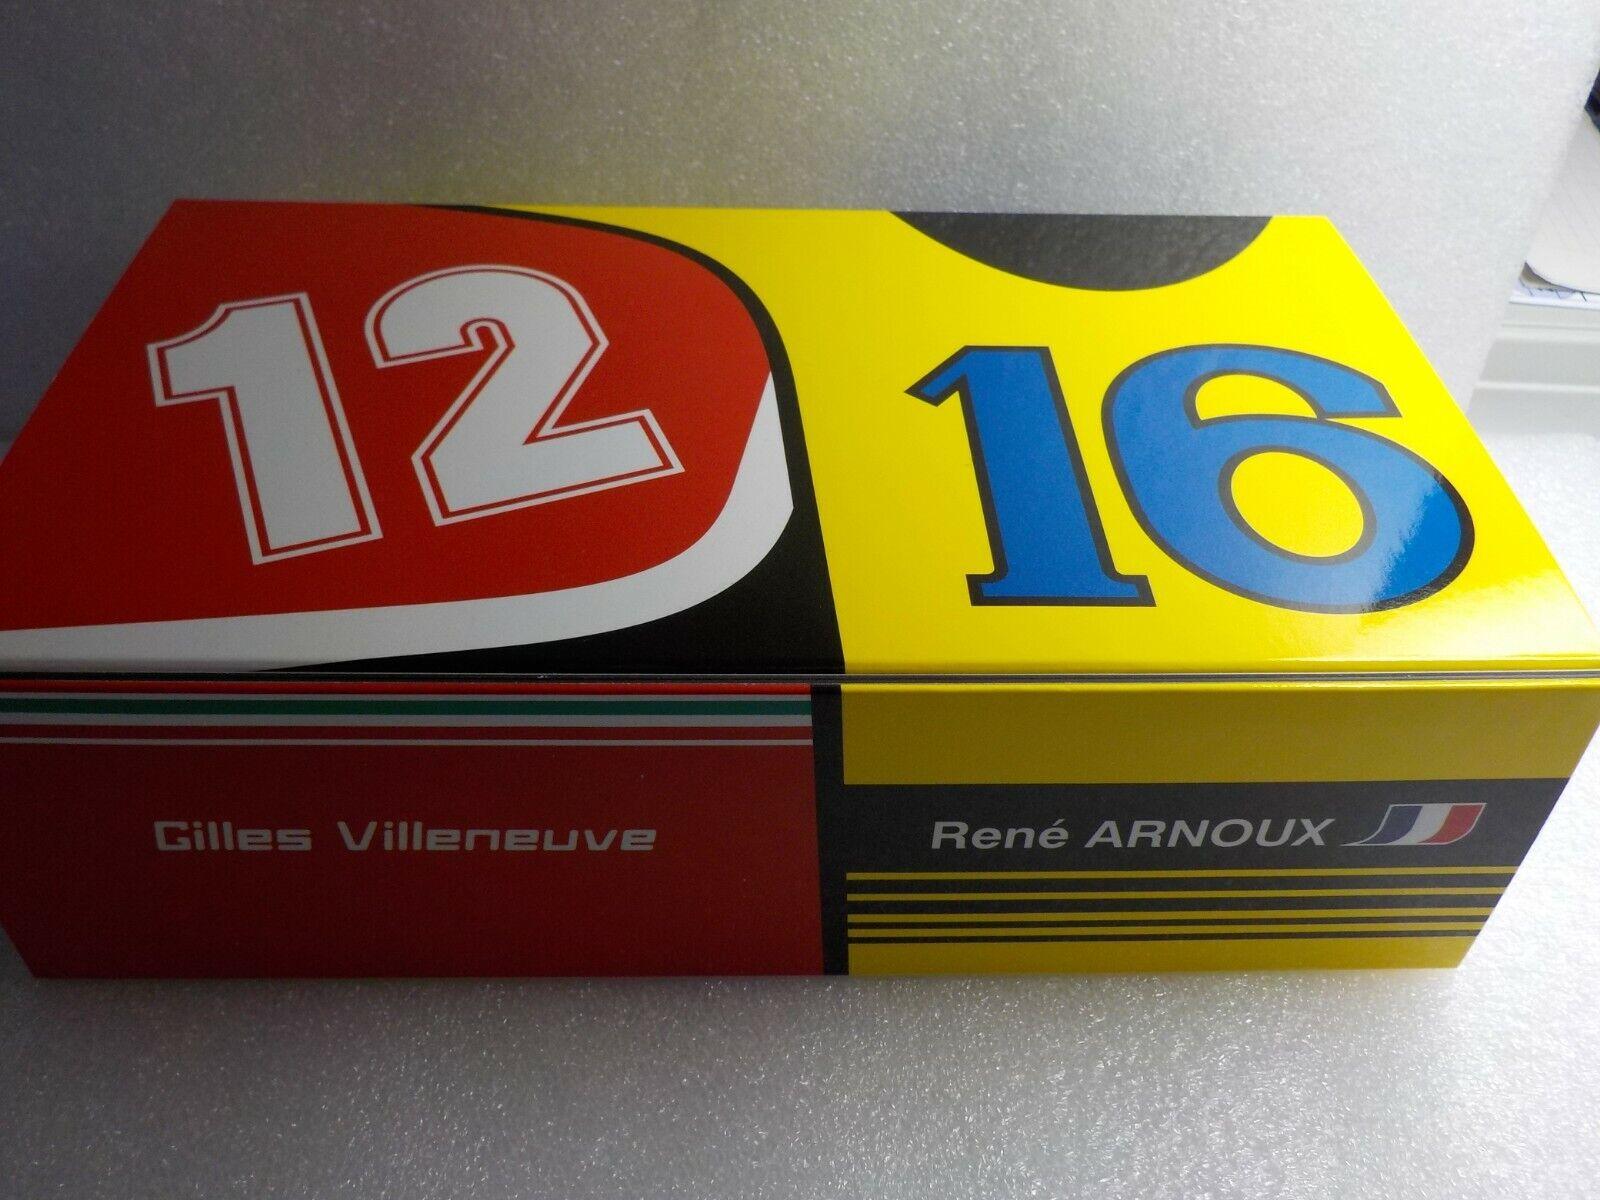 Ferrari 312t4-RENAULT rs12 VILLENEUVE-ARNOUX, GP France 1979 1 43 Limit No. 107